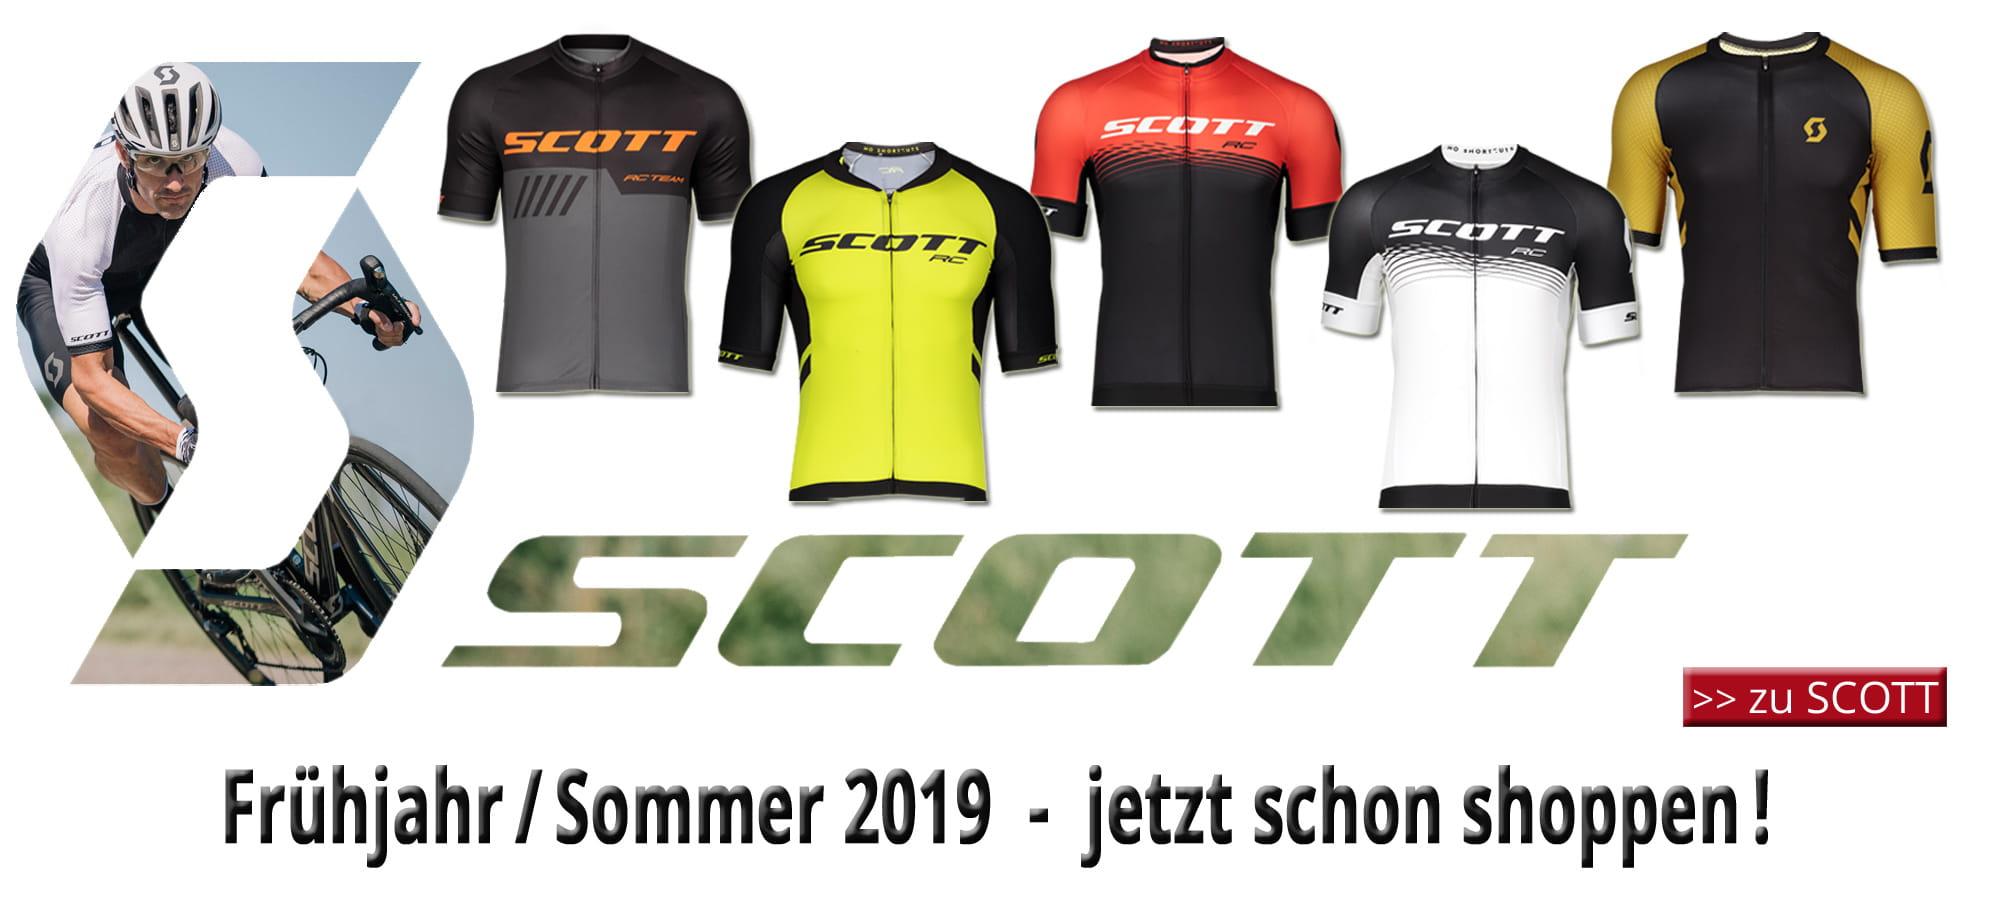 Trikotexpress   Top-Marken Radsportbekleidung + Zubehör ecfd37e232